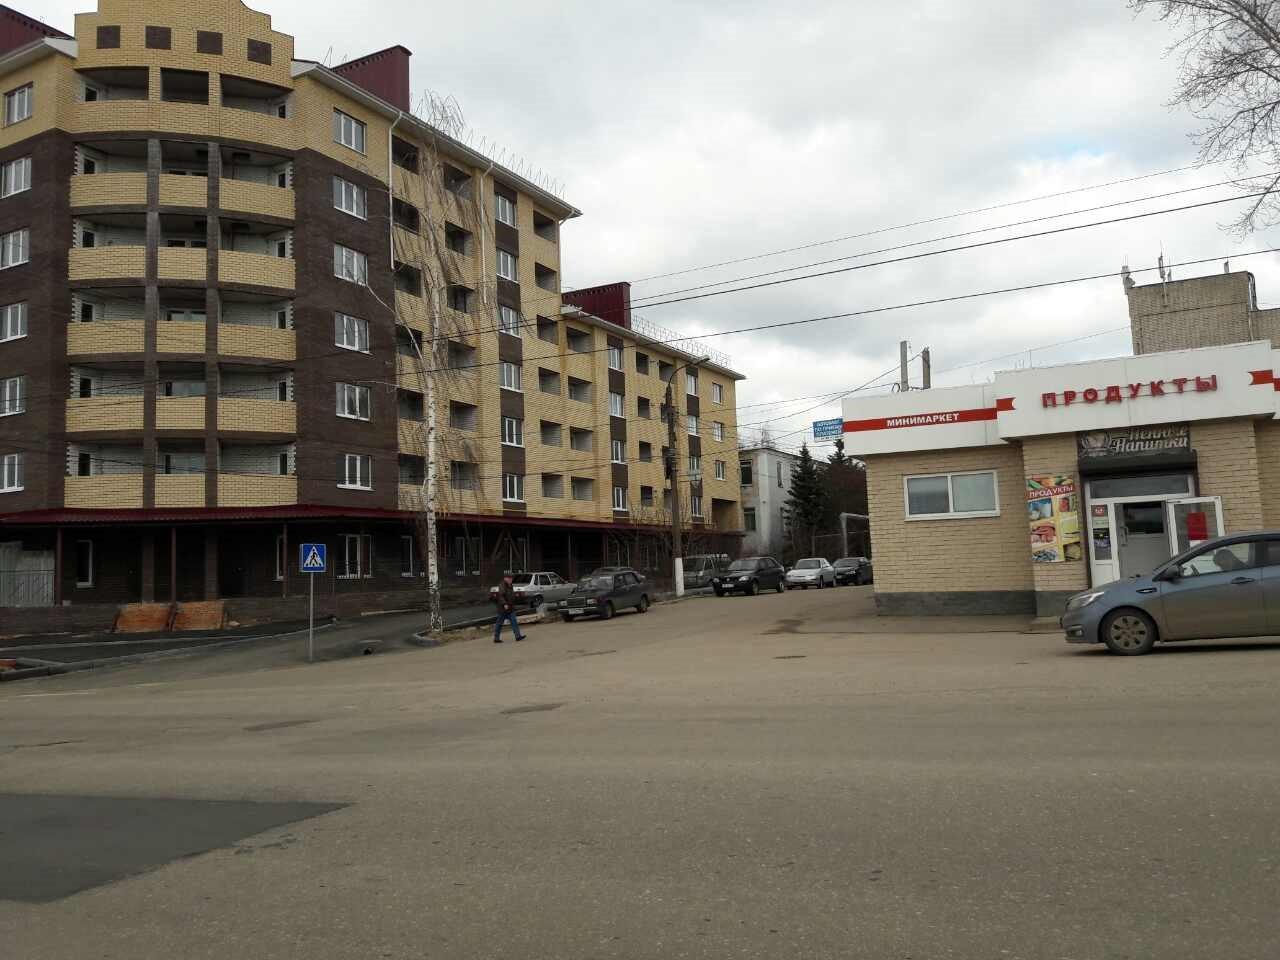 Продажа квартир: 2-комнатная квартира, Нижегородская область, Арзамас, ул. Володарского, 2, фото 1